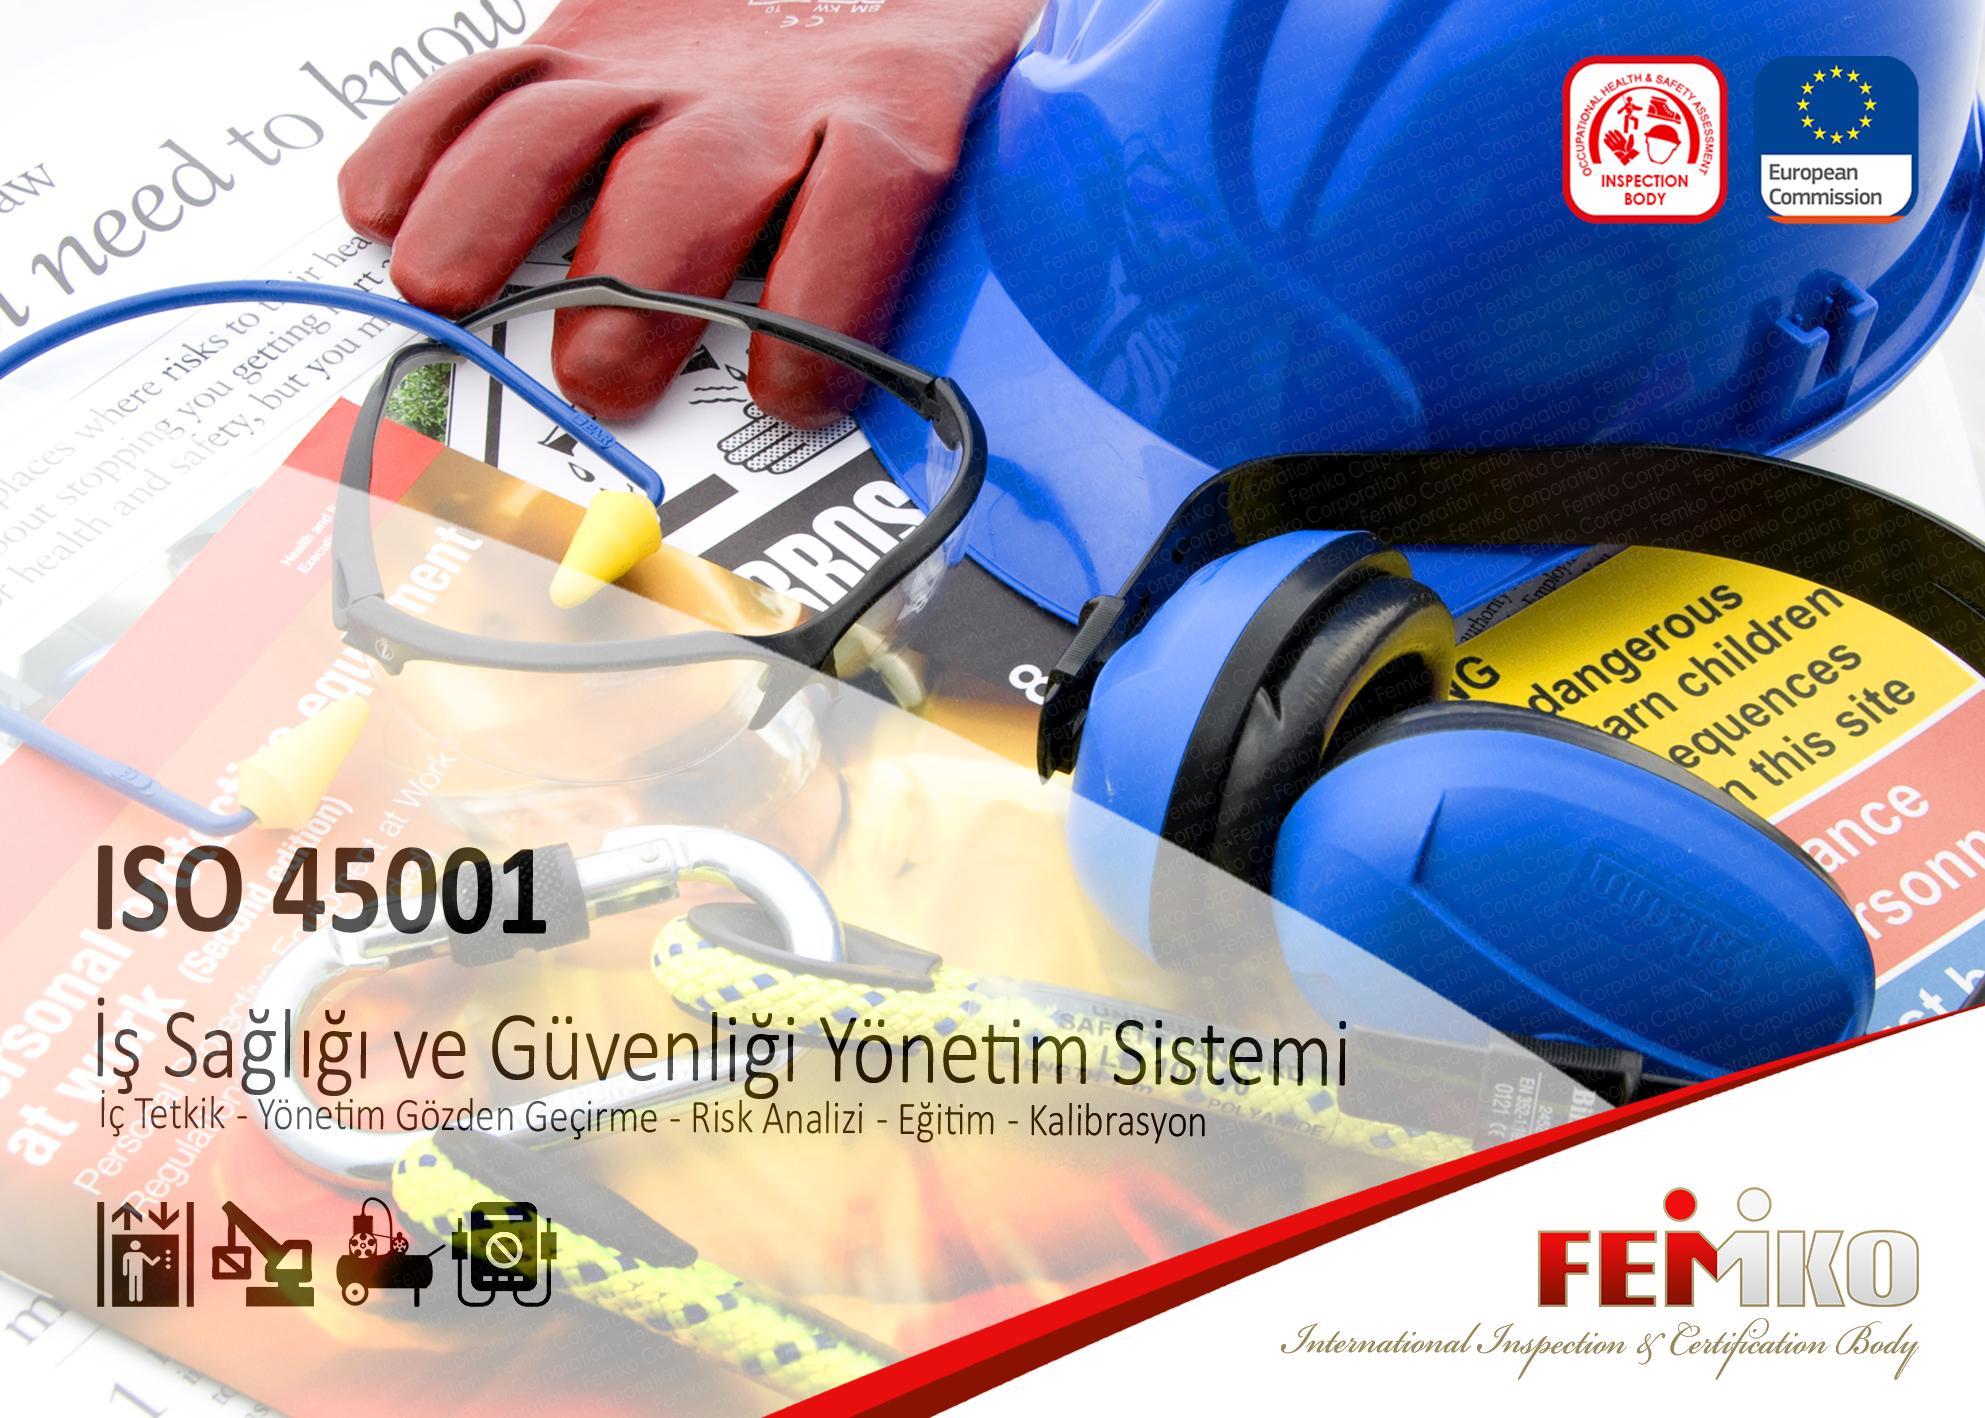 İş Sağlığı ve Güvenliği Yönetim Sistemi – ISO 45001 Belgesi